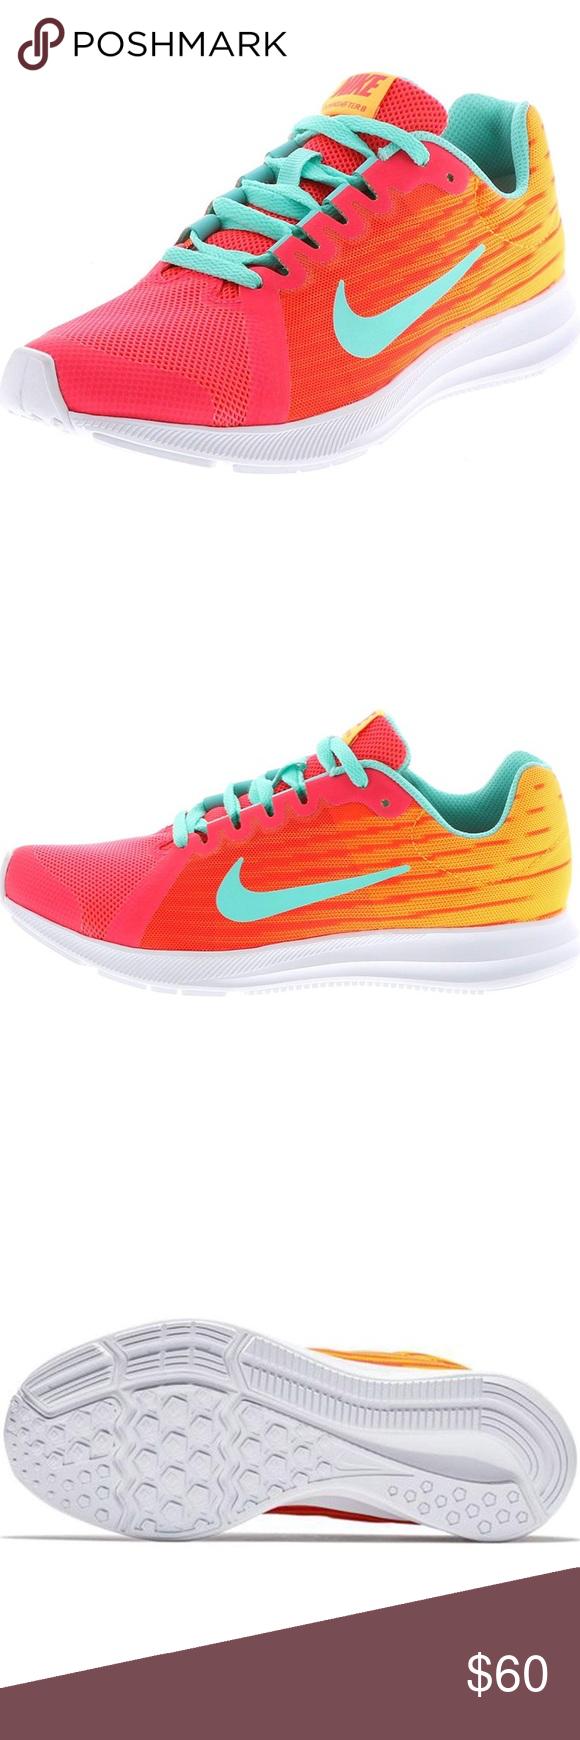 Nike Downshifter 6, Size 6Y (Women's